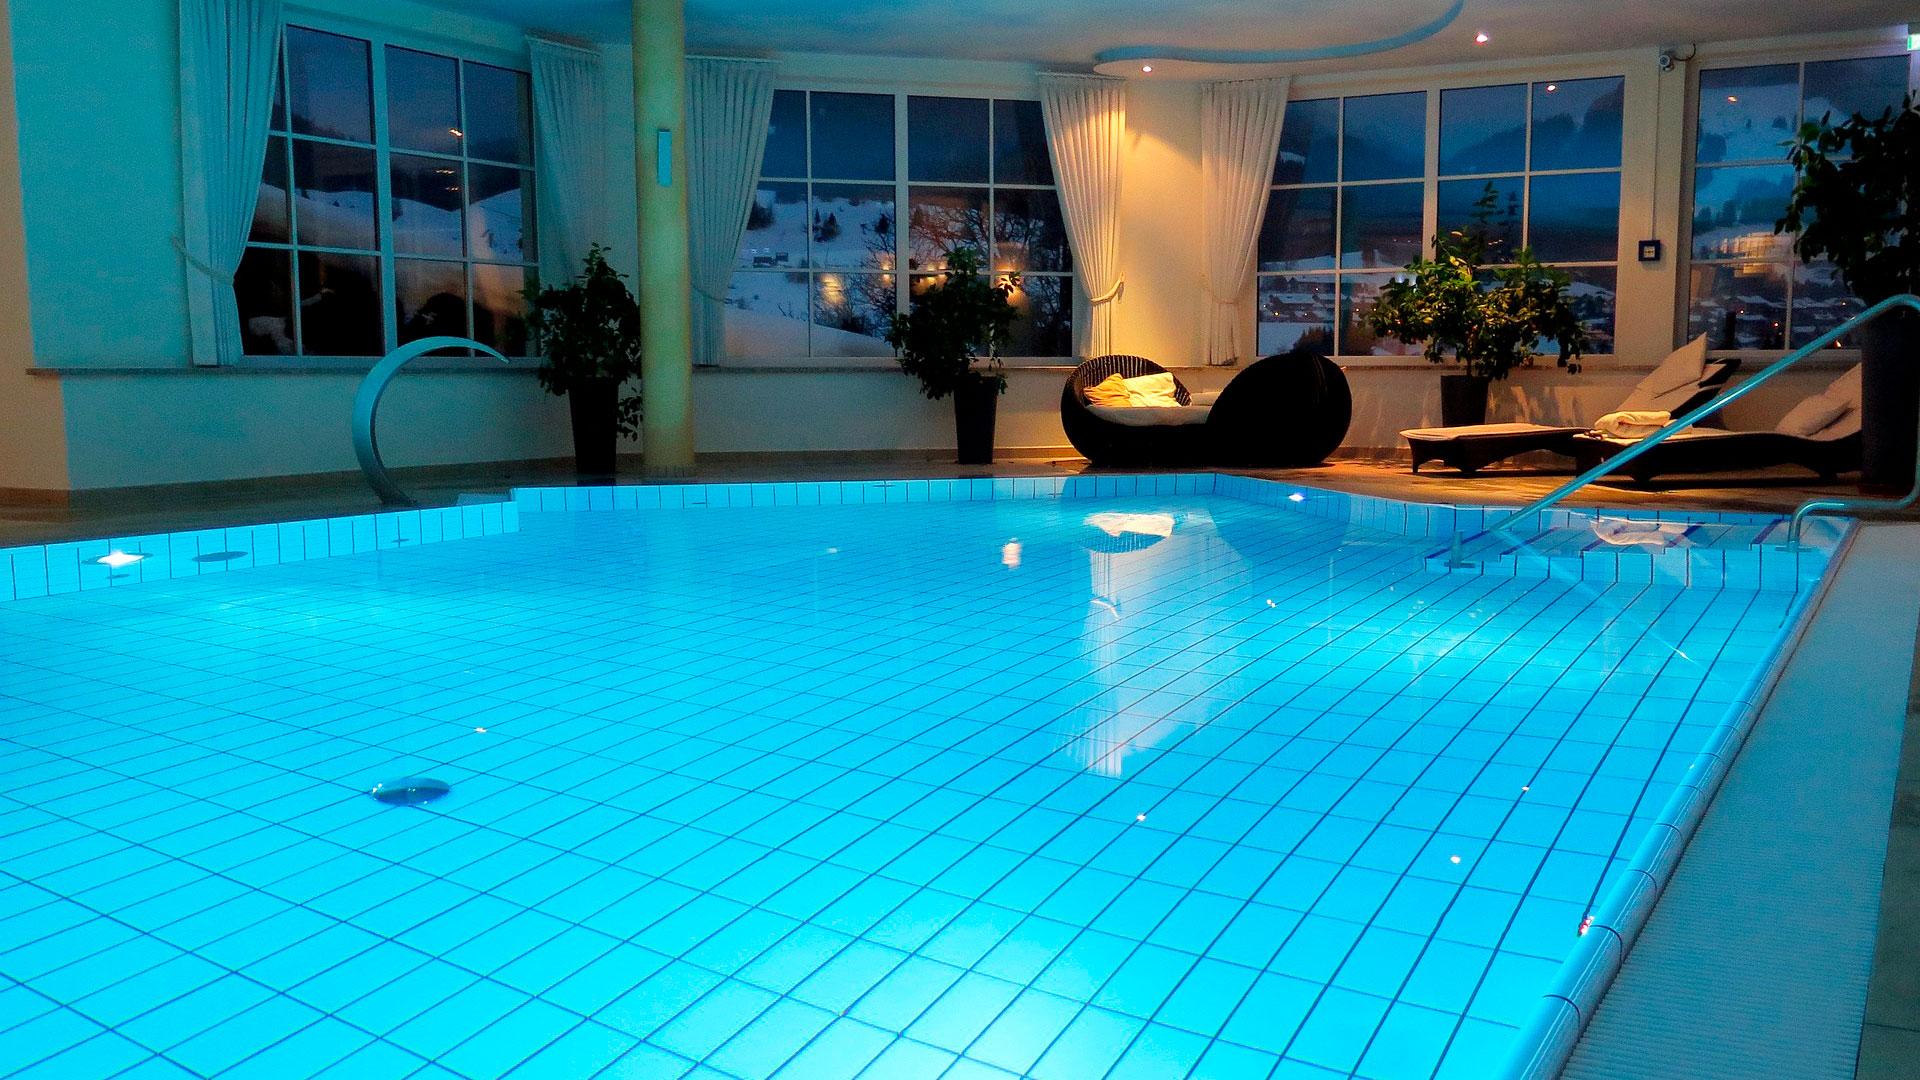 Beton pool eller støbt pool er en god løsning, hvis du har specielle ønsker til dybde i din pool